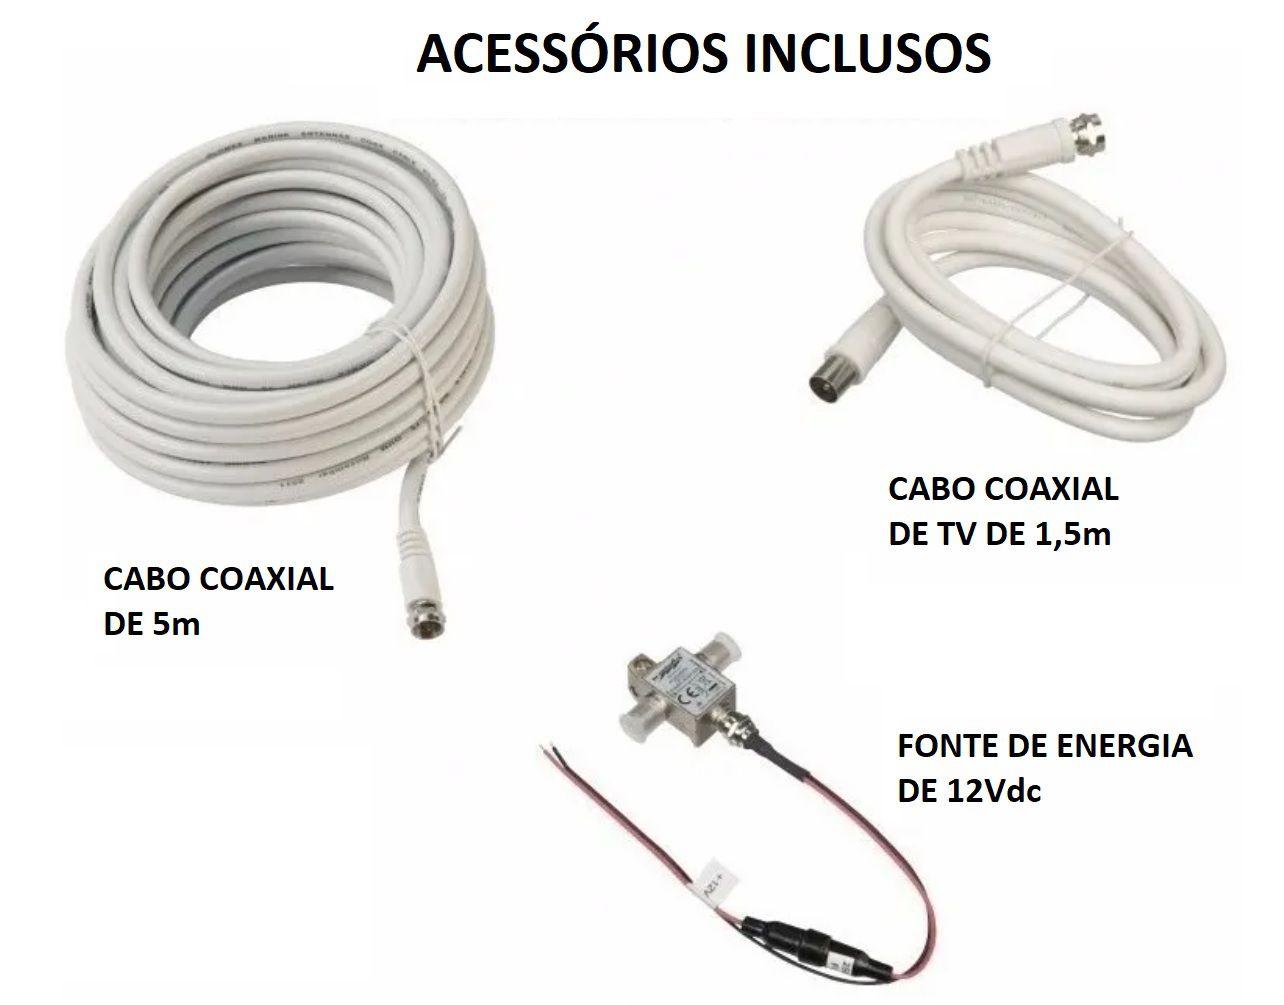 Antena de TV Digital Supergain 24db com Base, Cabo e Conexões p/ Lanchas Barcos Motorhomes SGT6000